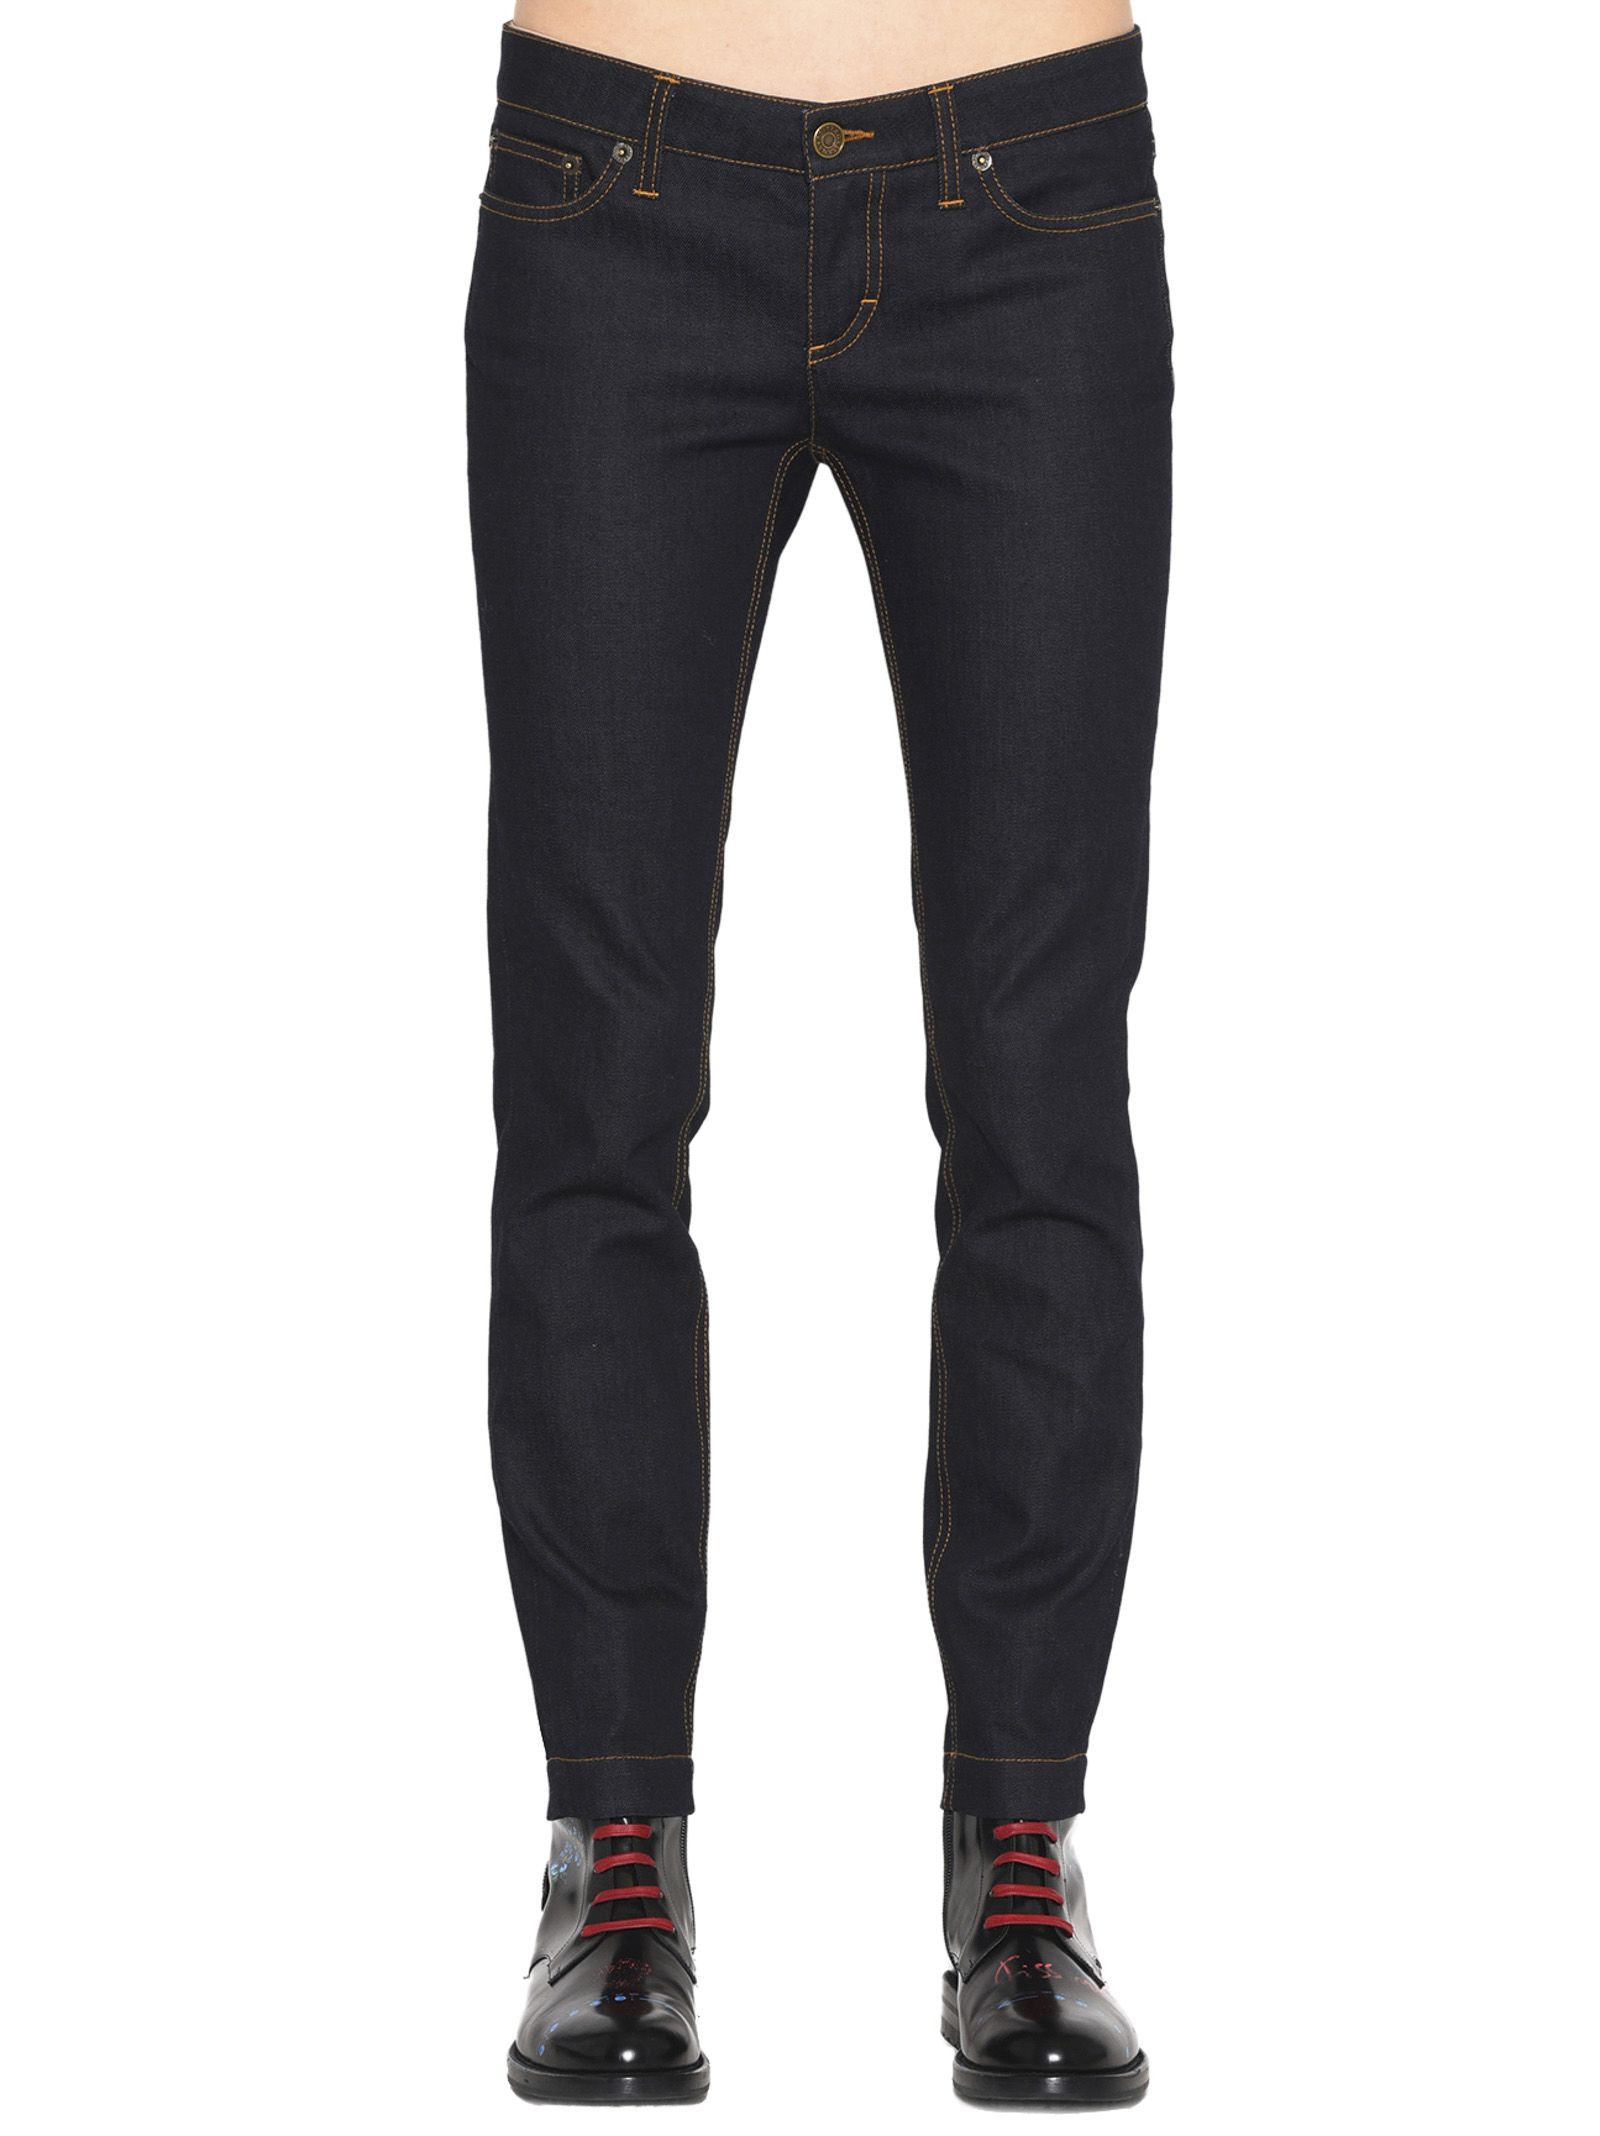 Dolce & Gabbana Jeans 9101901